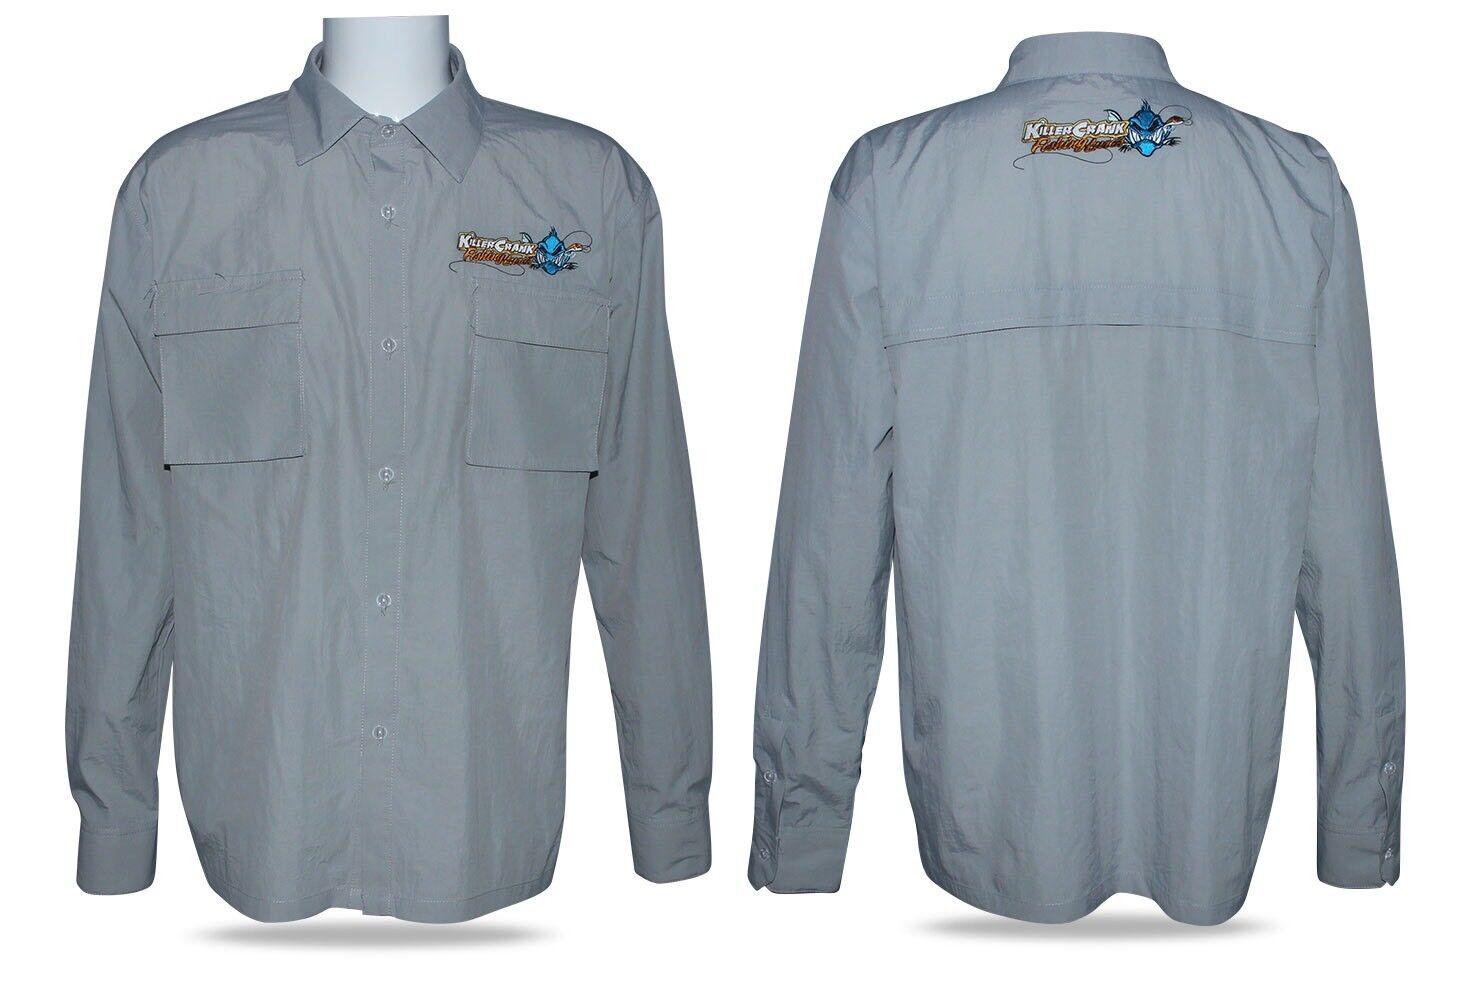 nuovo Nylon Killer Crank Vented Breathable Fishing Shirt. tutti Men's Dimensiones